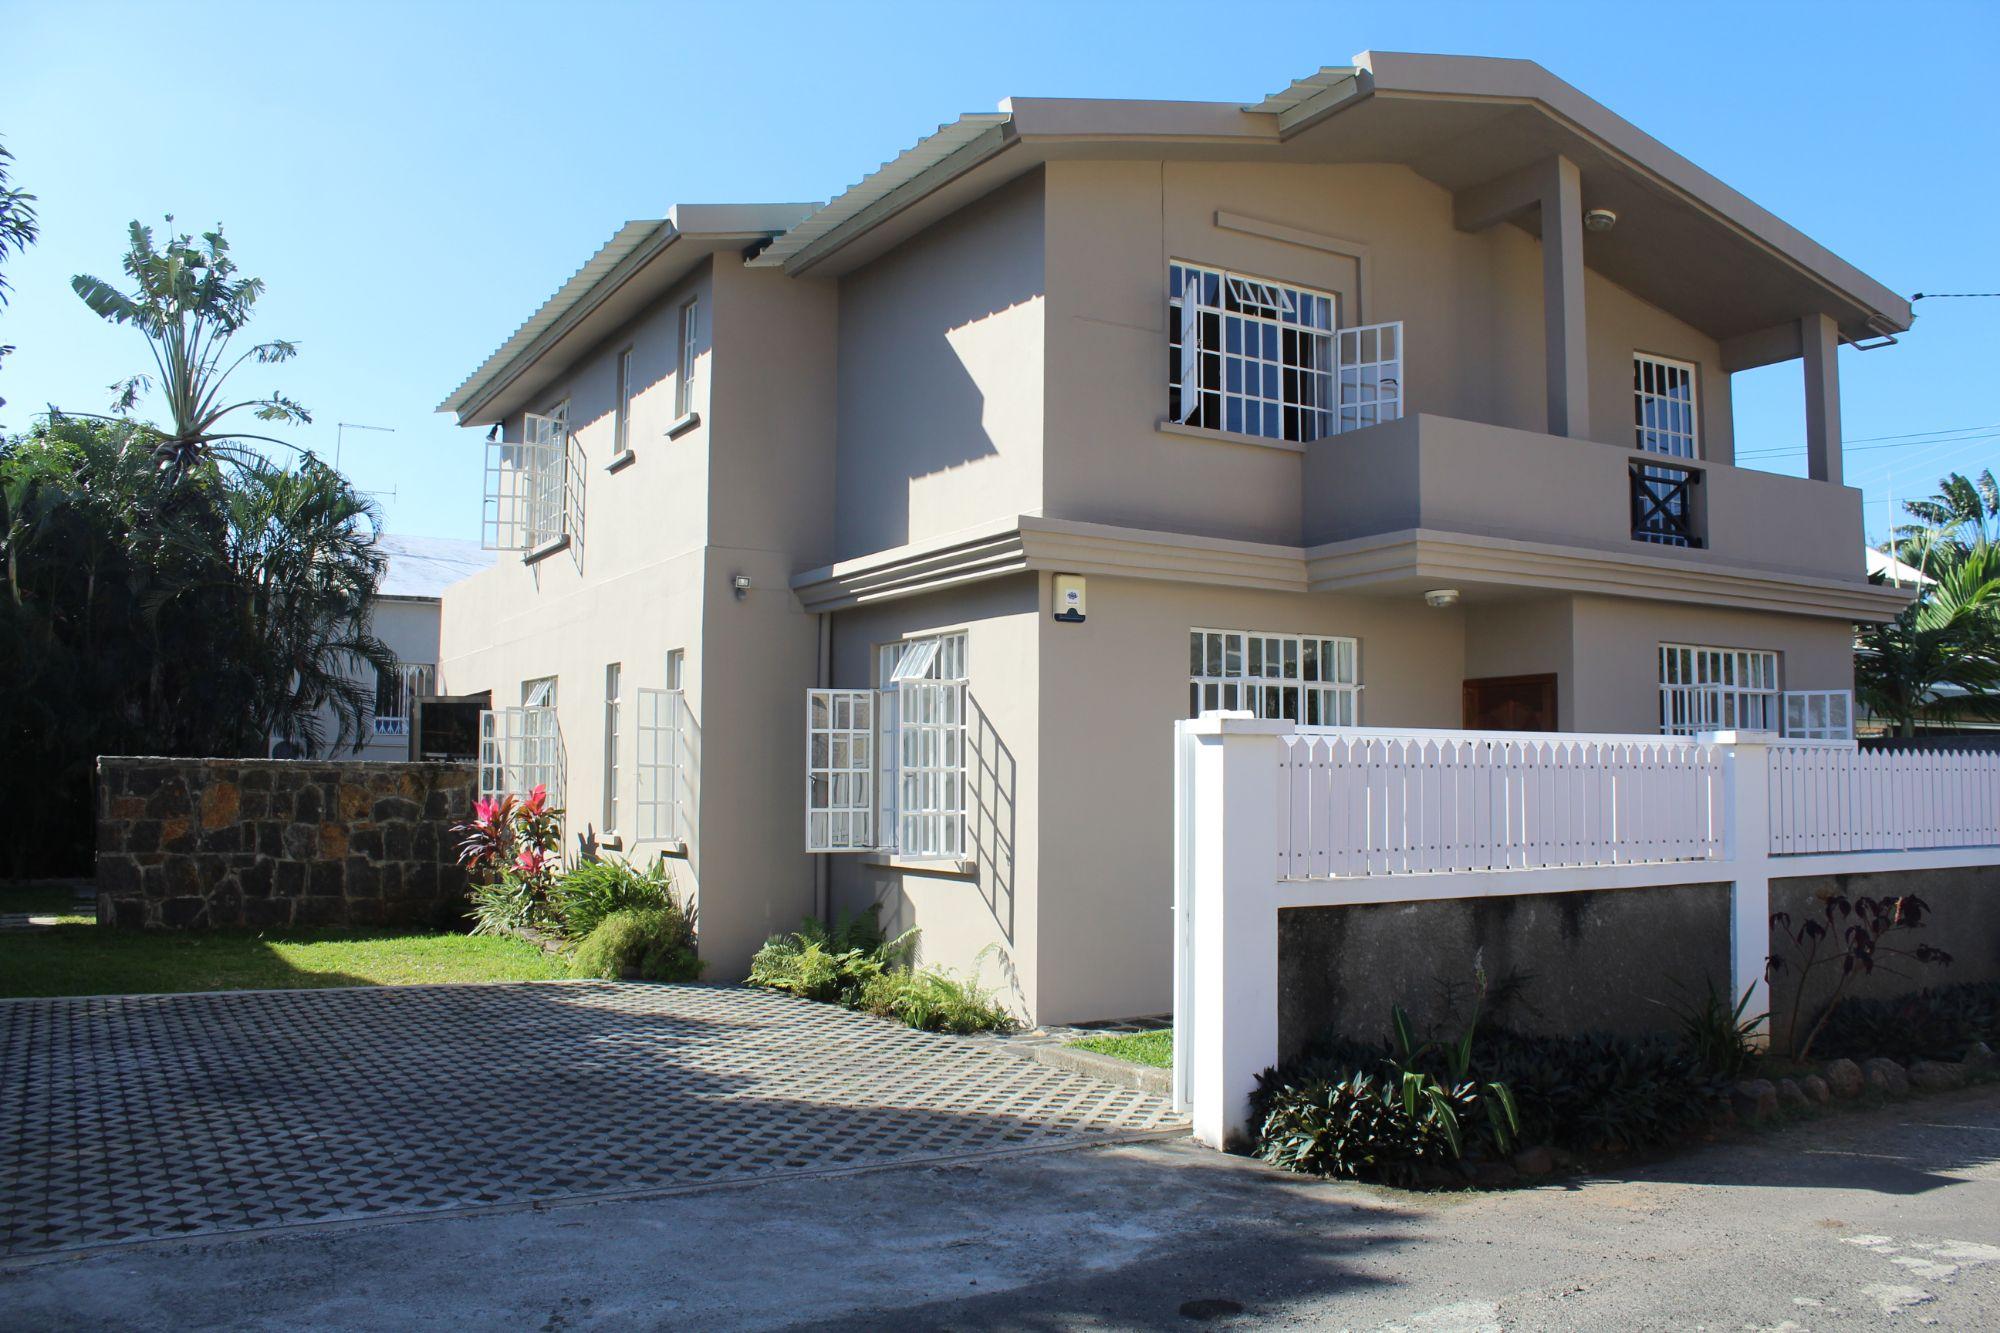 A VISITER ABSOLUMENT !!! Magnifique maison non meublée de 200 M2 sur un terrain de 100 toises se situe dans un quartier résidentiel à Tamarin avec vue sur la montagne.